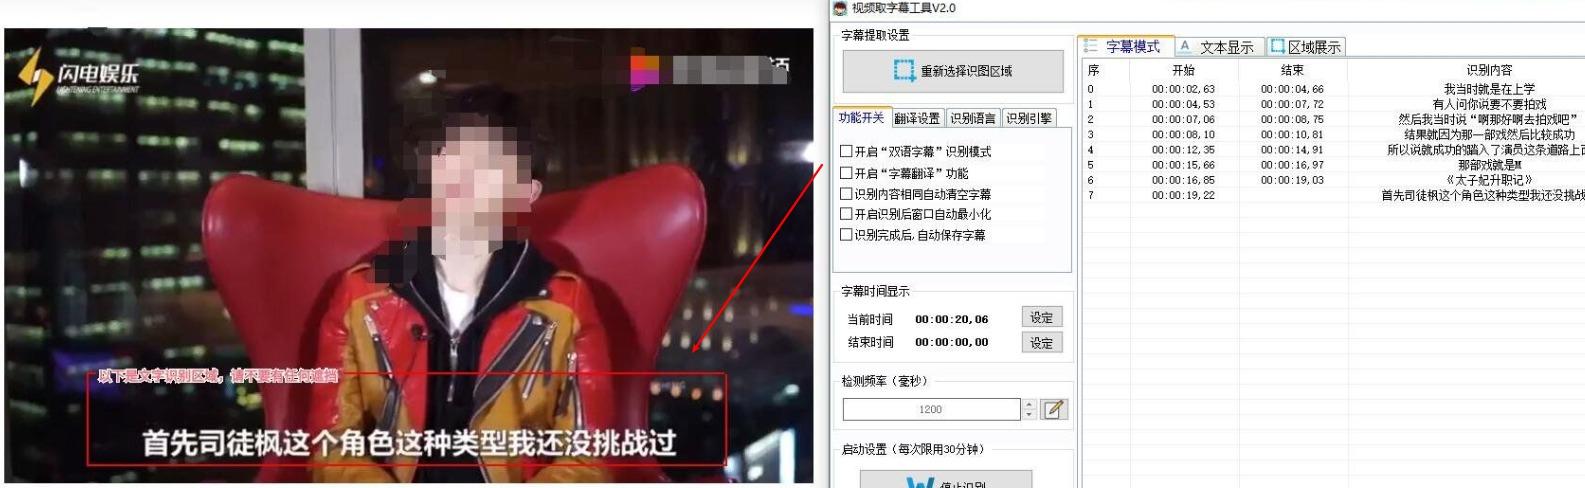 视频取字幕工具V2.0 无广告版